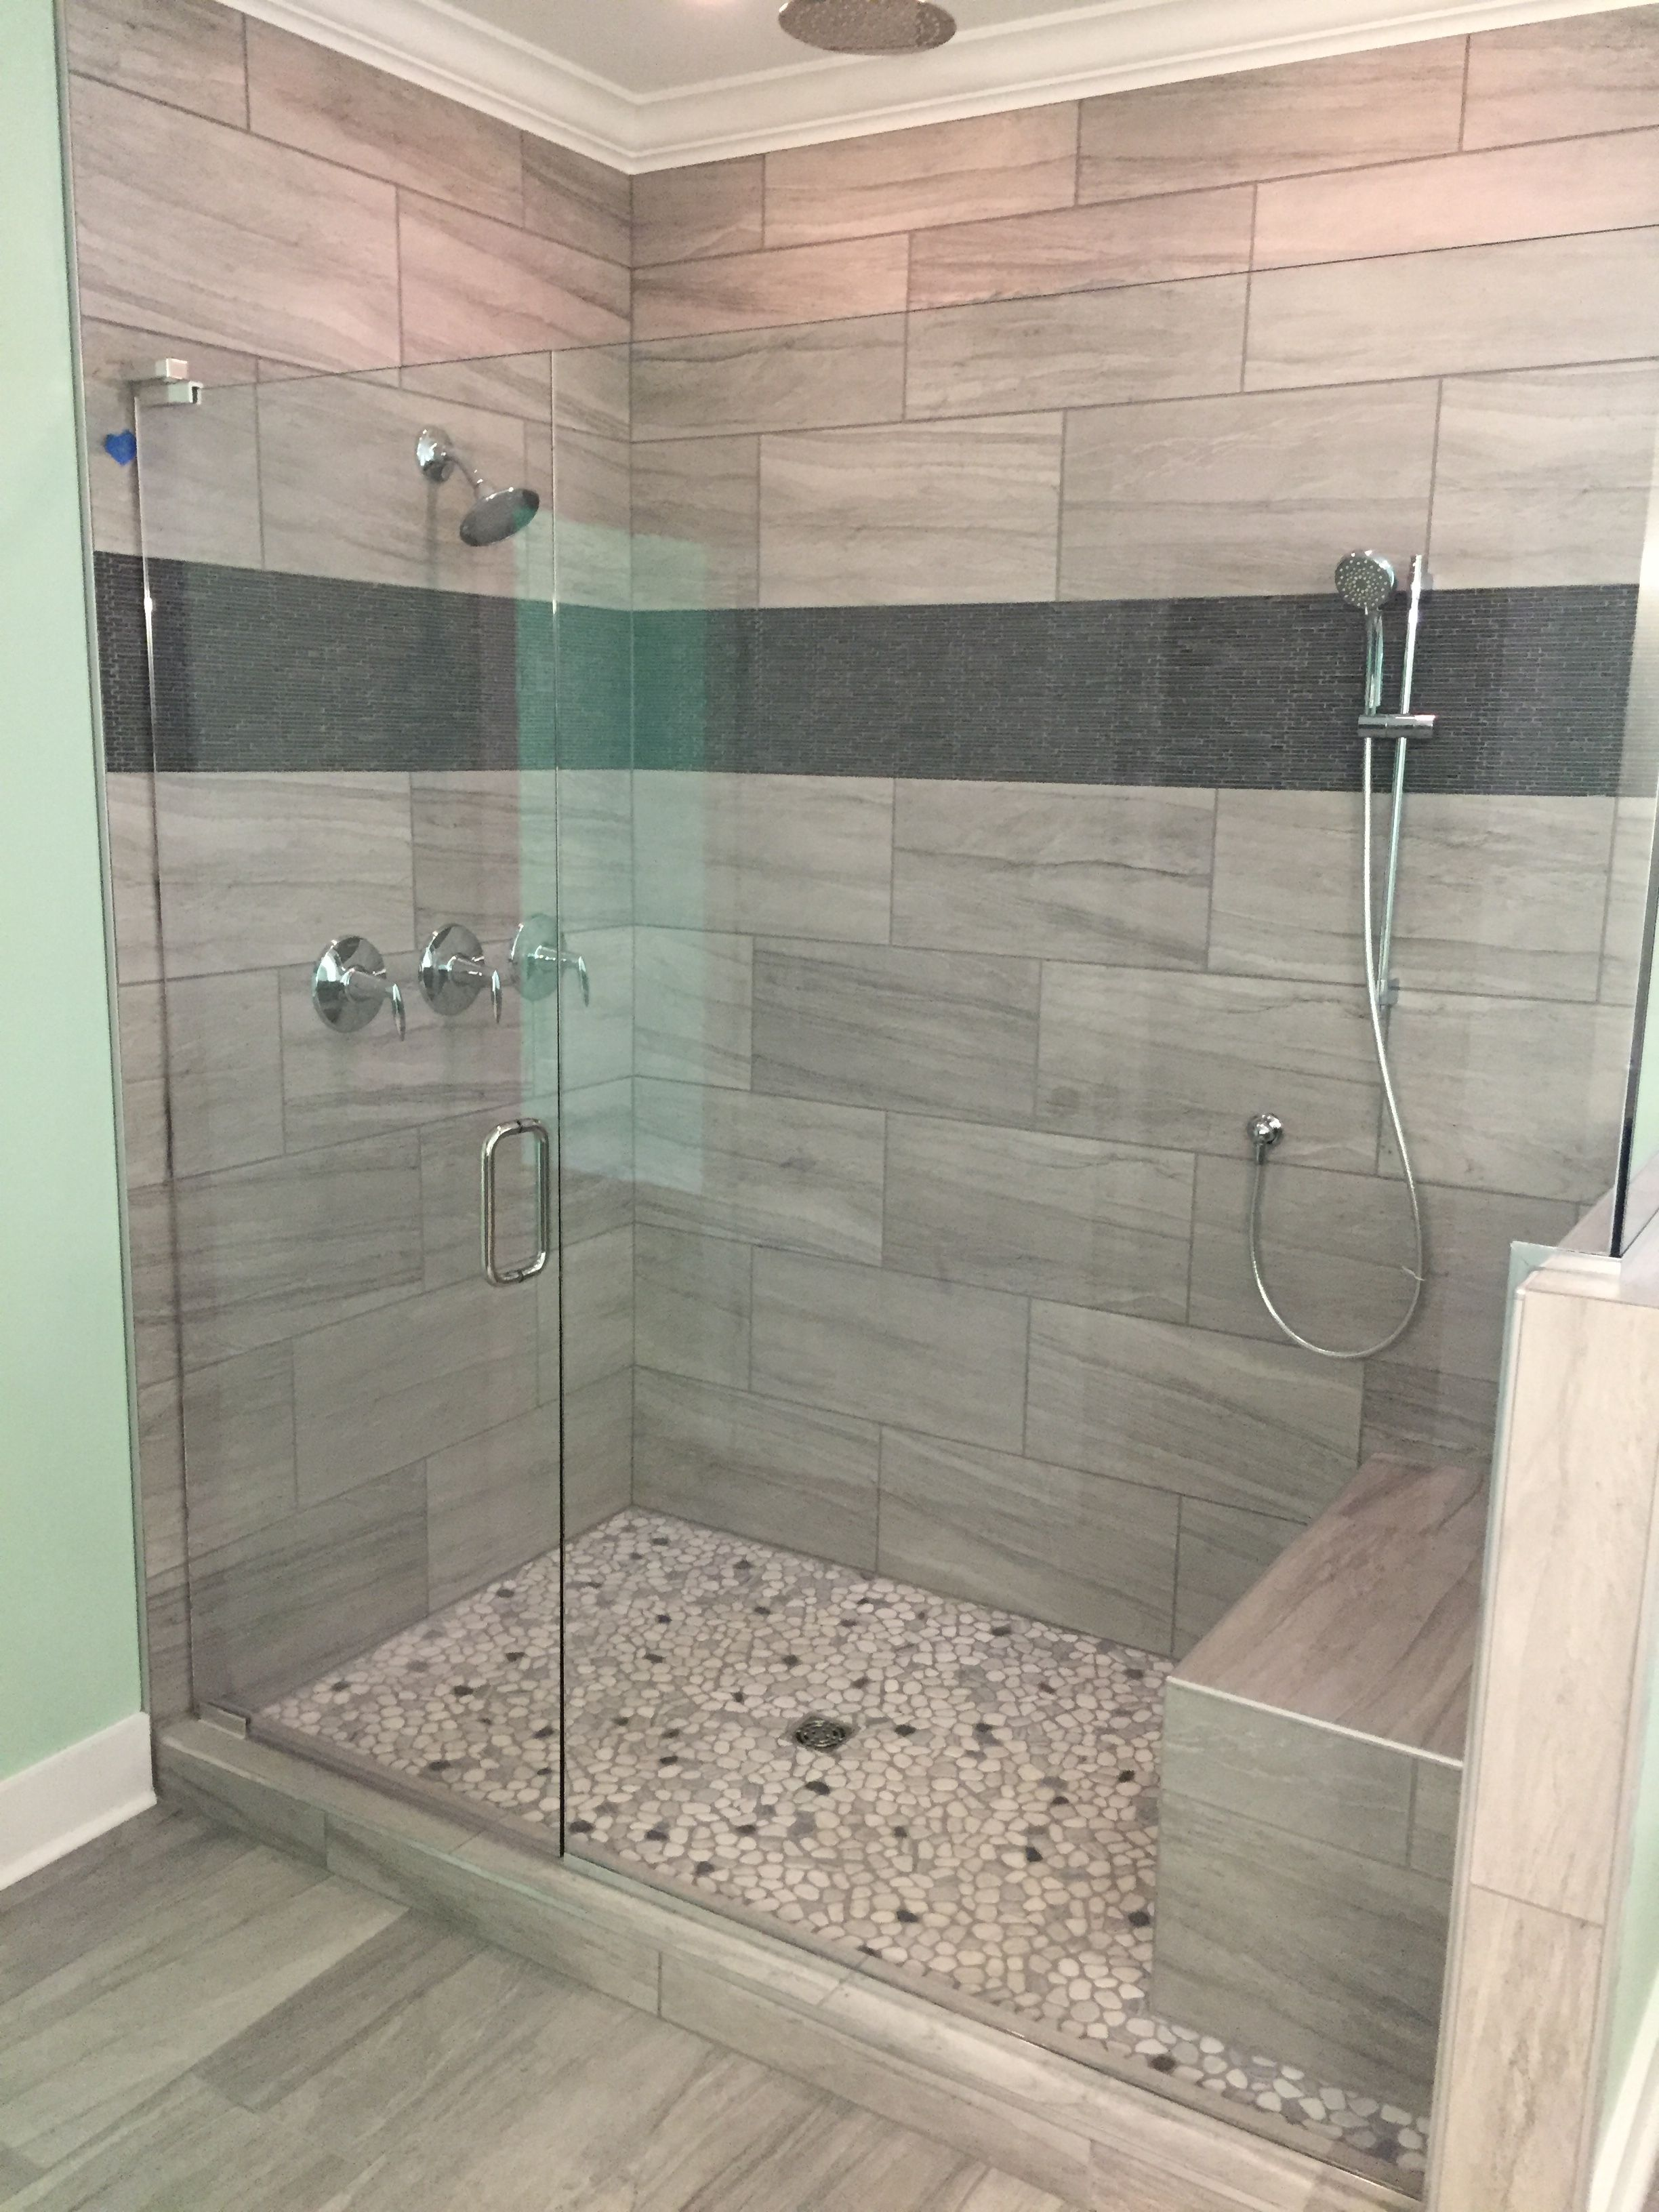 Linear design in shower Elegant Accents Tile & Design ...